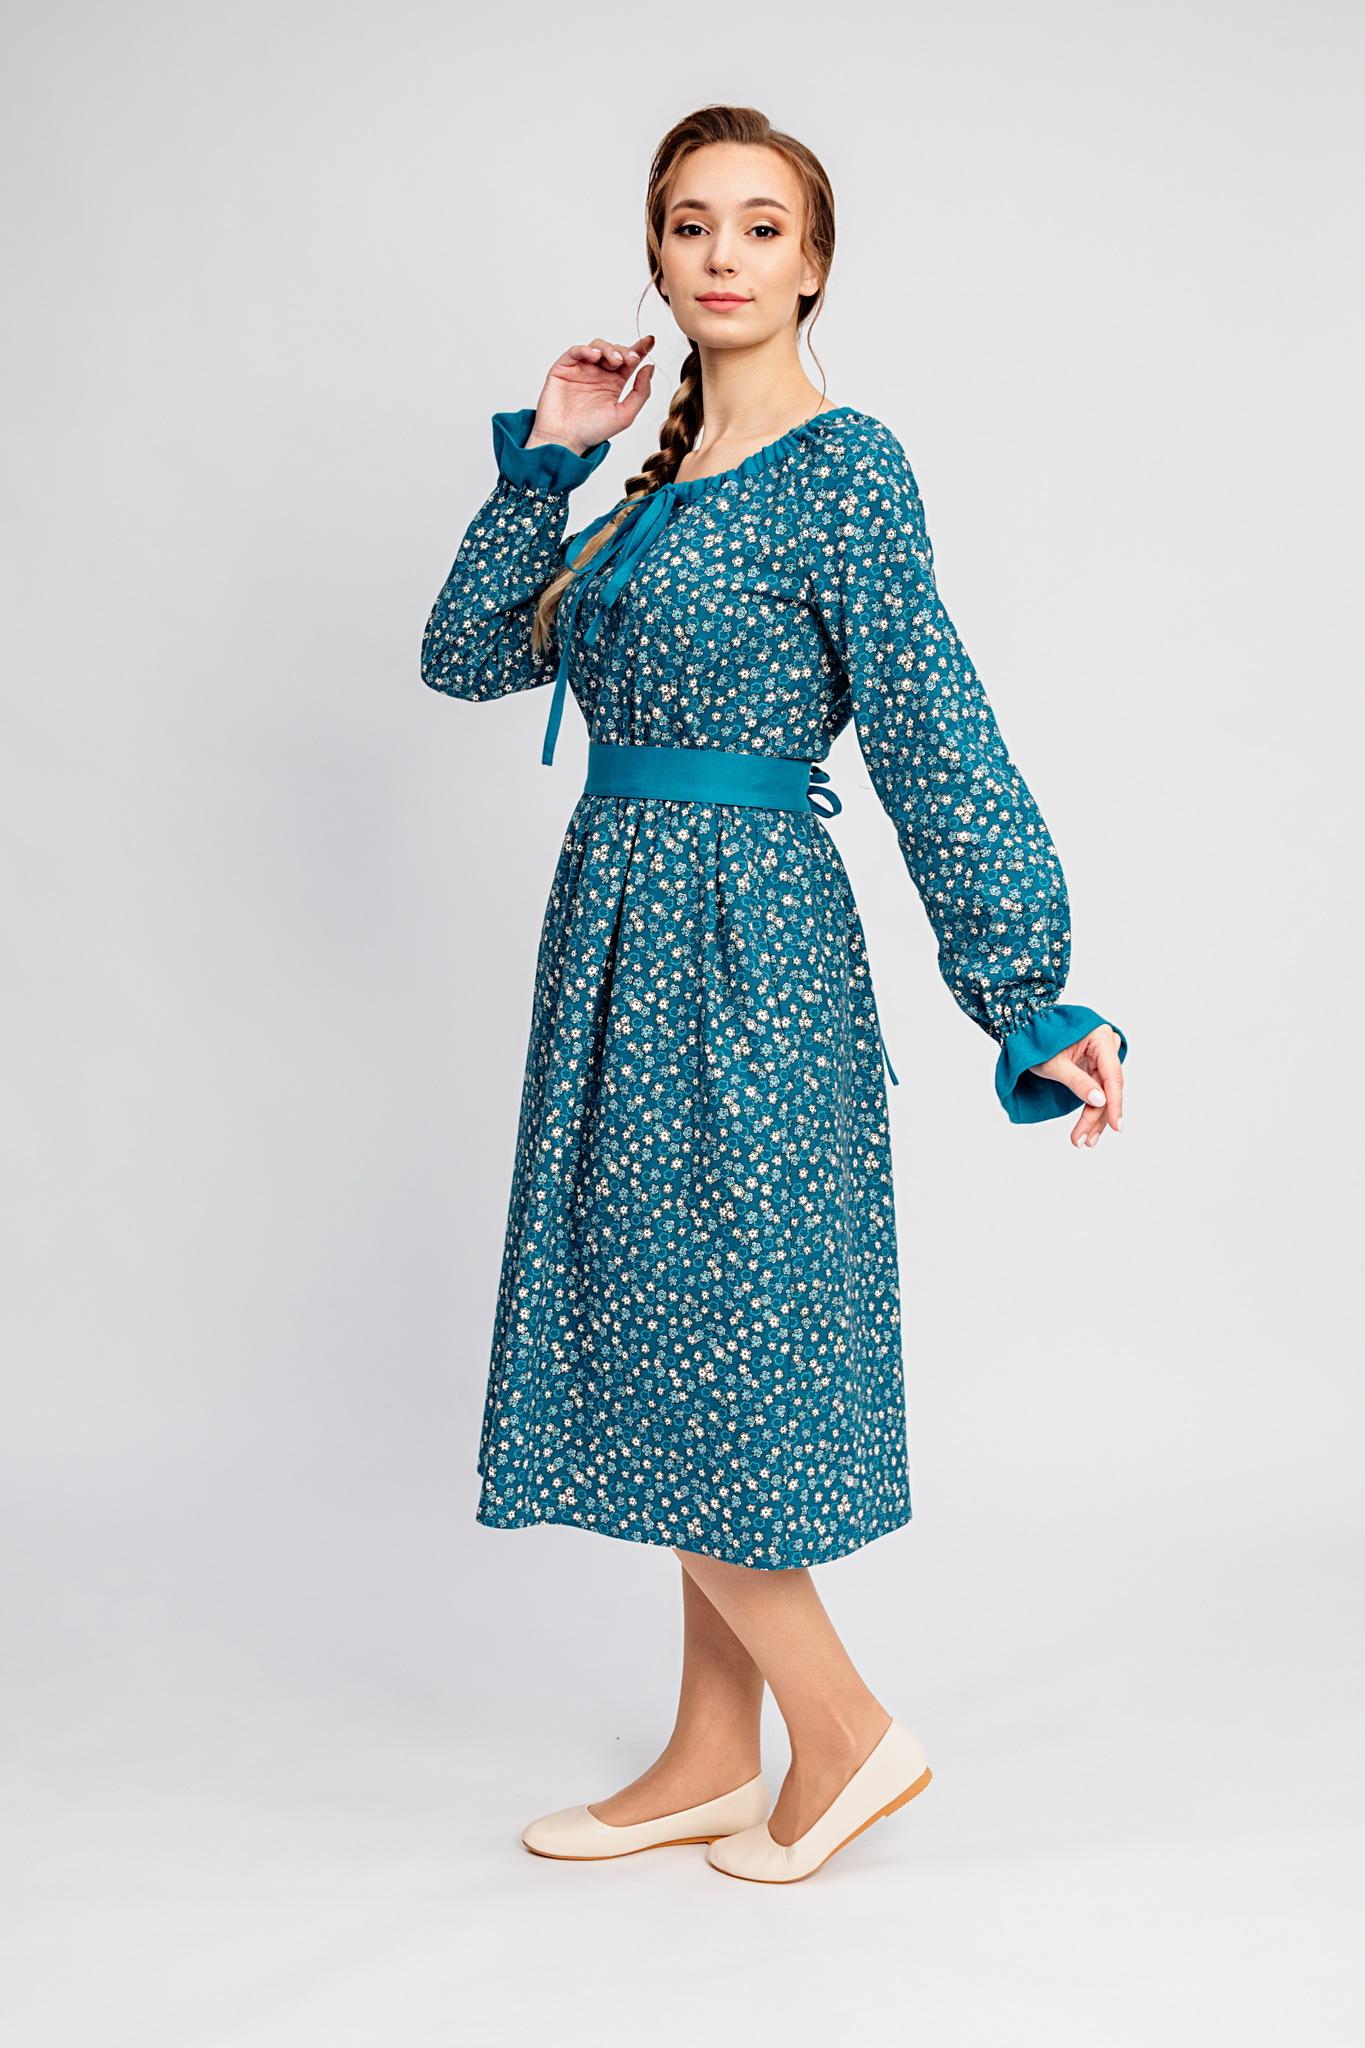 Платье на холодное лето Бирюзовая Катунь